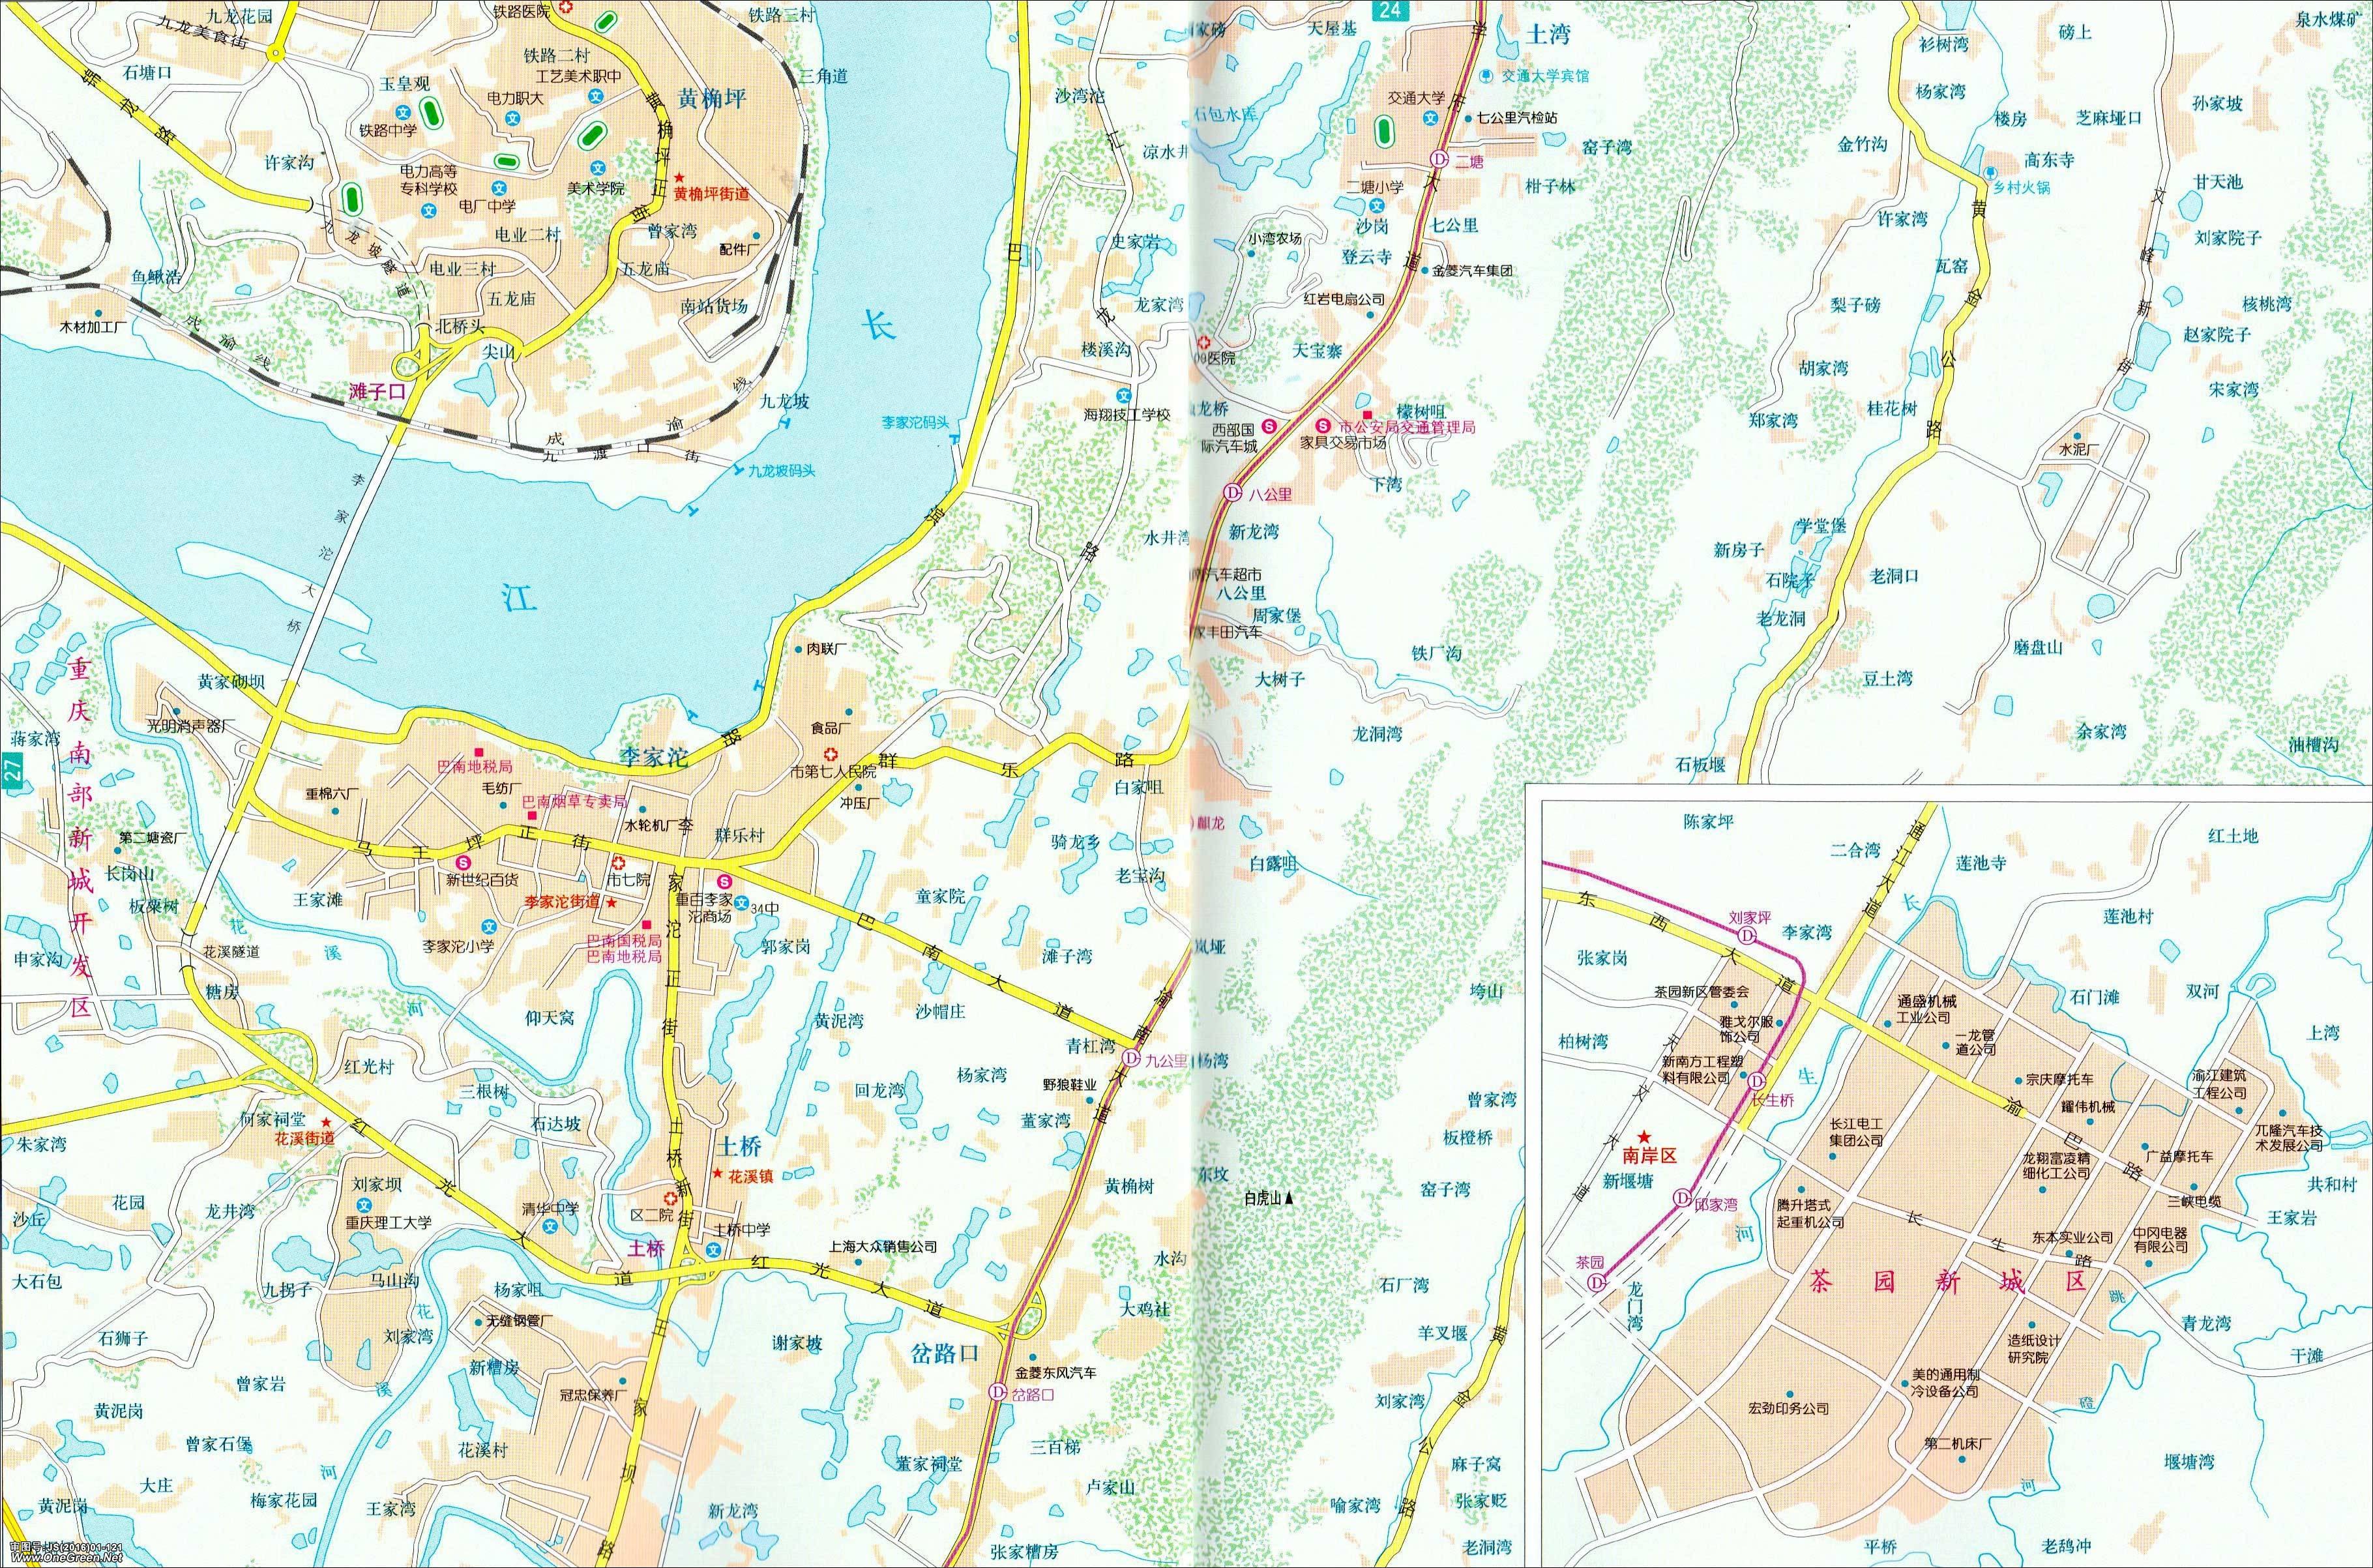 甘肃  宁夏  新疆  青海  西藏  台湾  香港  澳门  专题 分类: 重庆